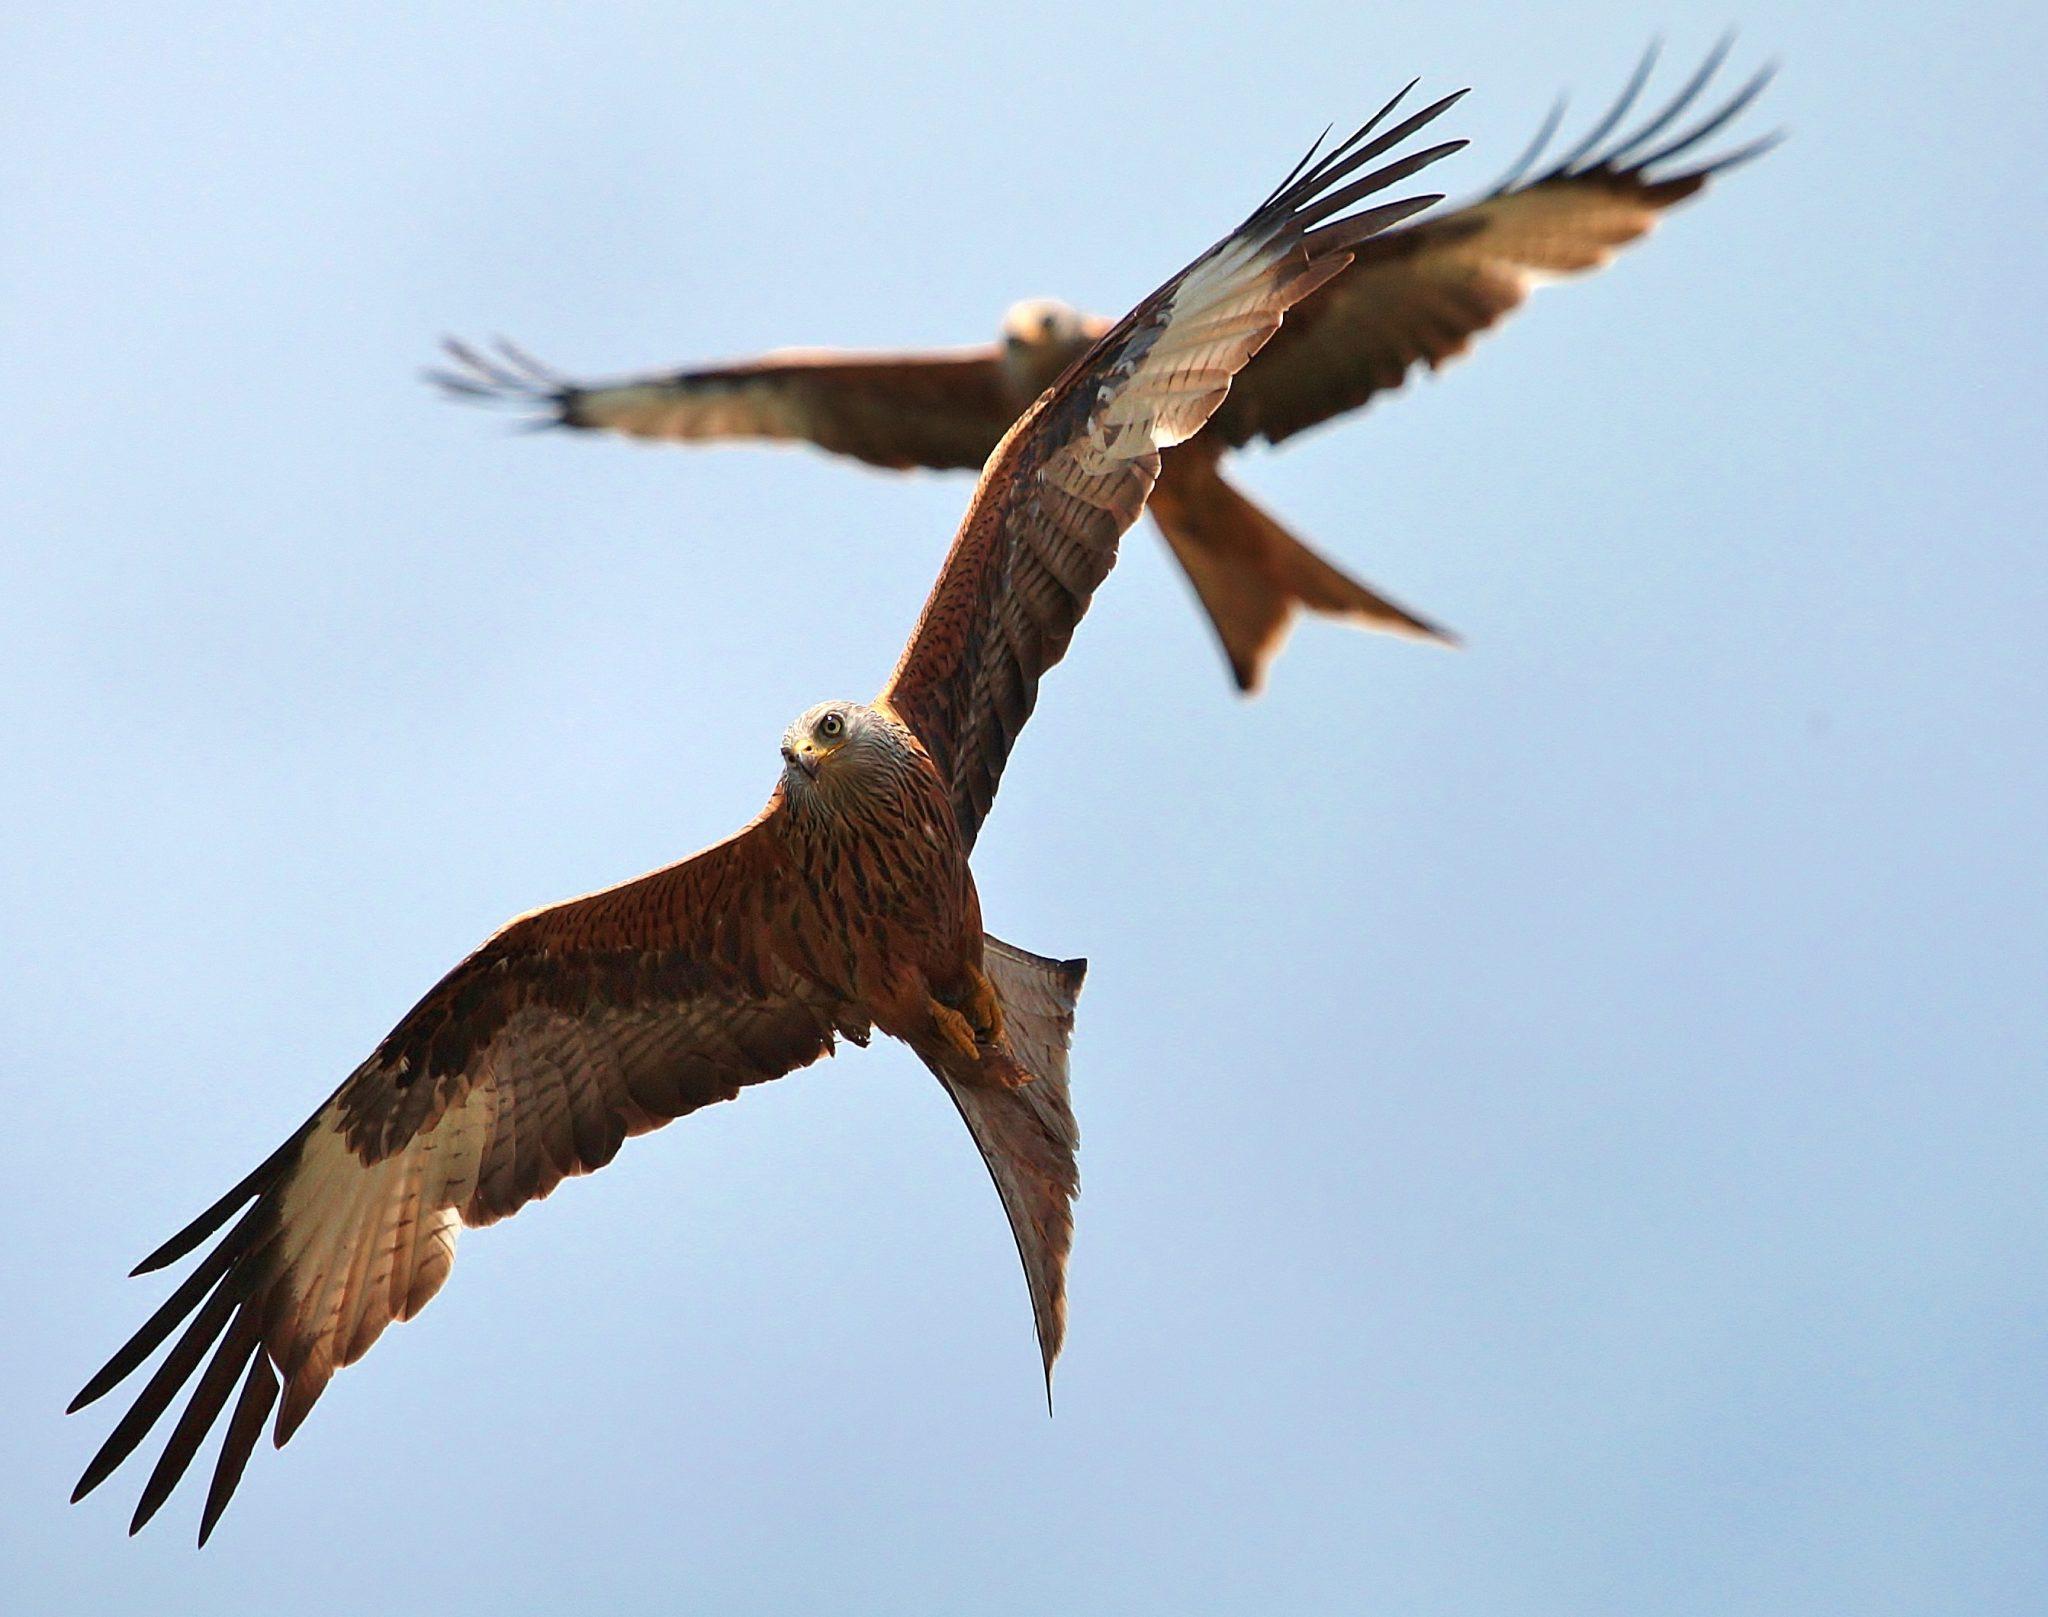 Kites – Gareth Hendly Nov 14